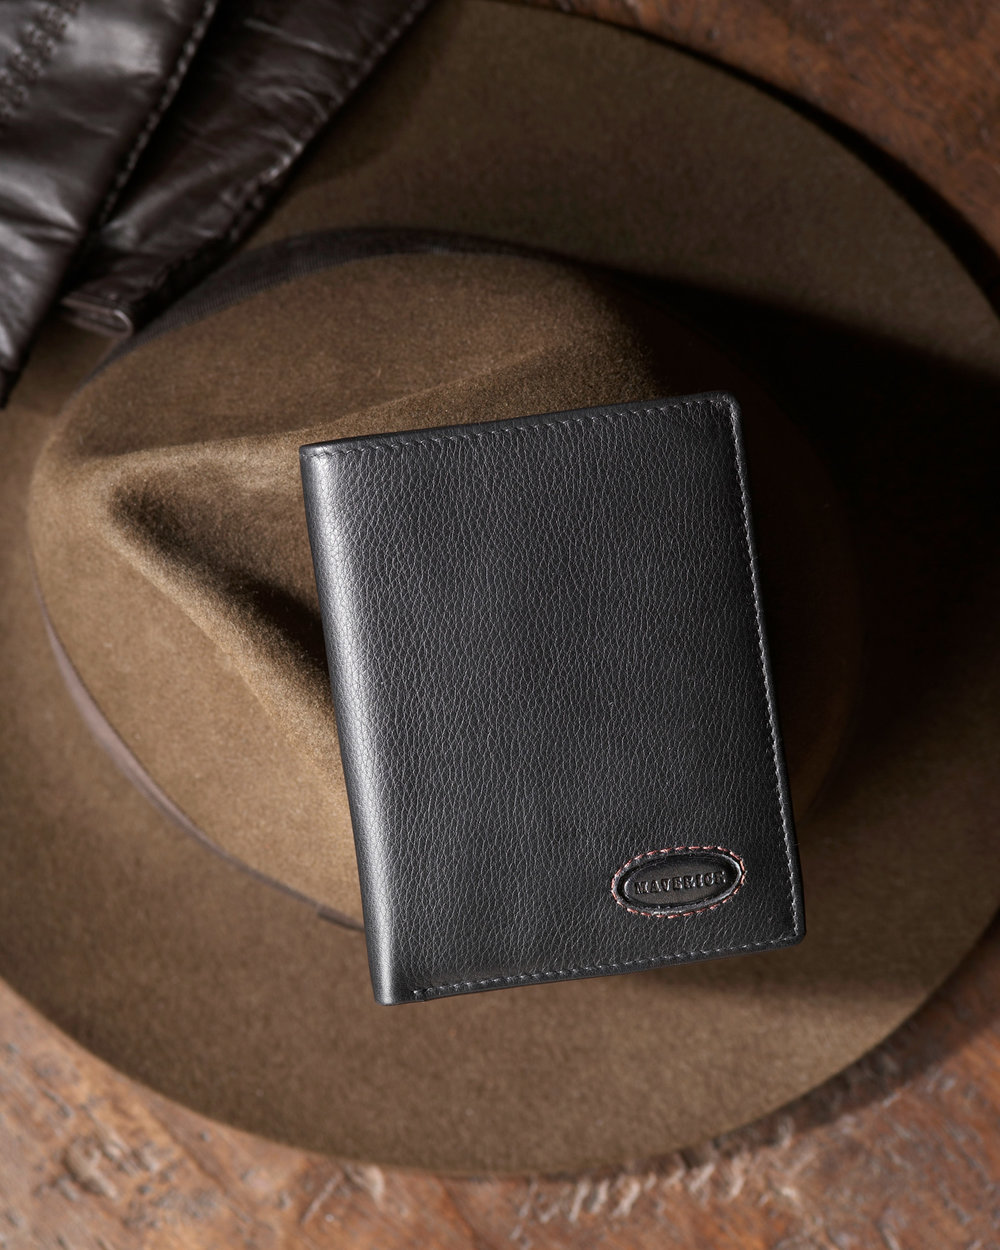 Productfoto van lederen heren portefeuille met decoratie